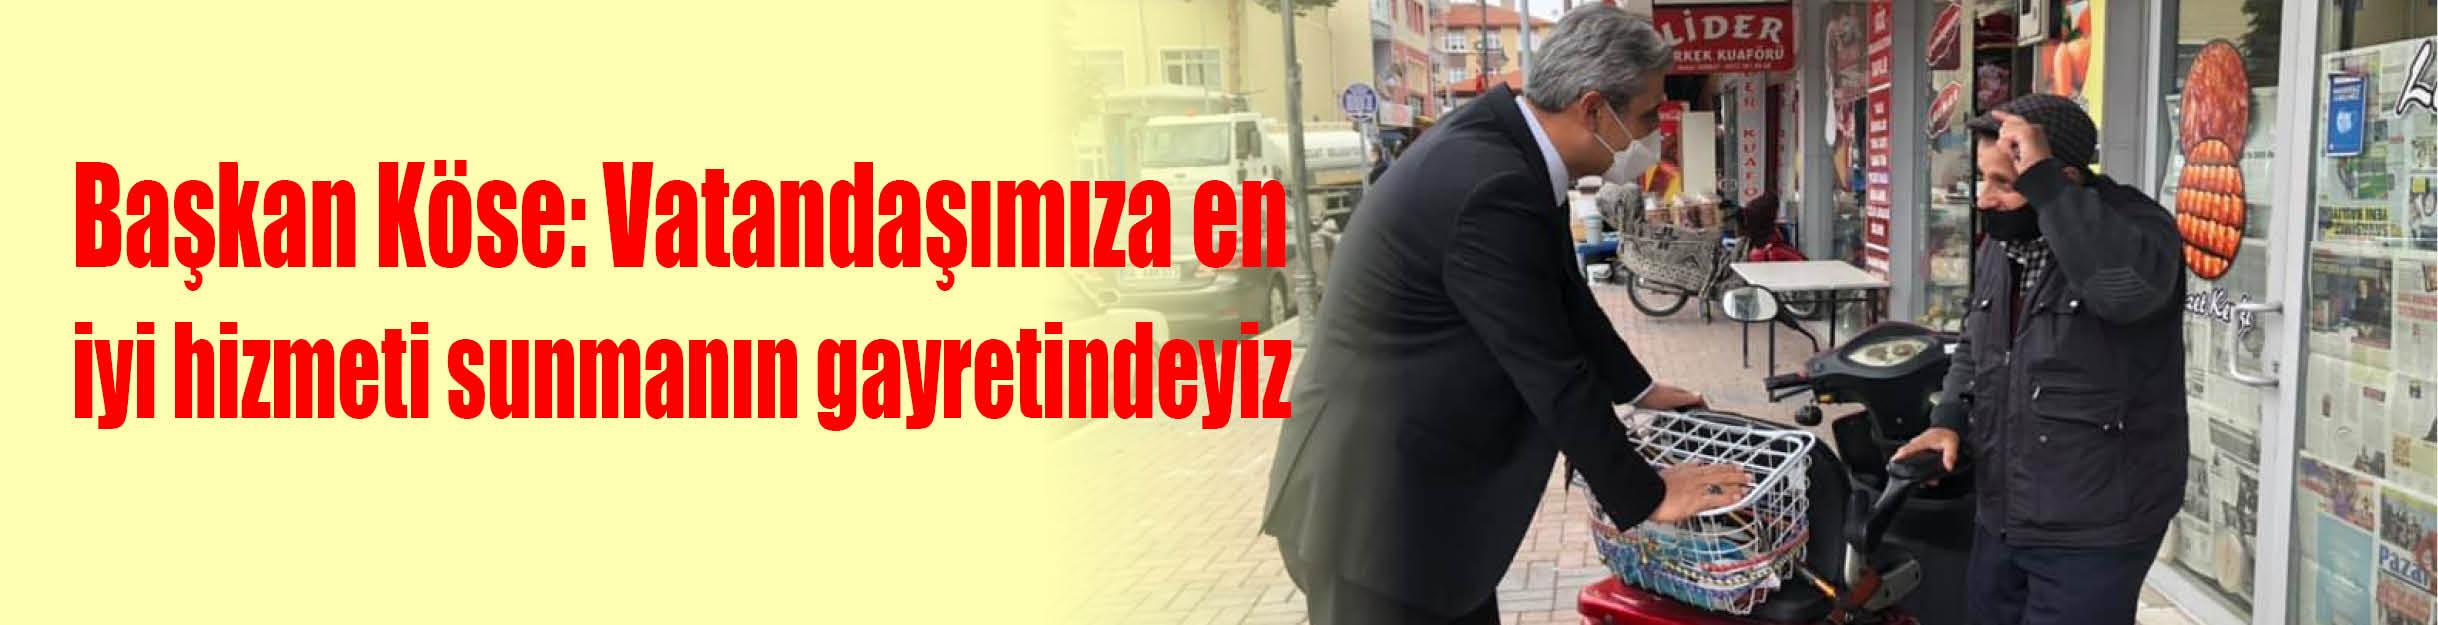 Başkan Köse: Vatandaşımıza en  iyi hizmeti sunmanın gayretindeyiz